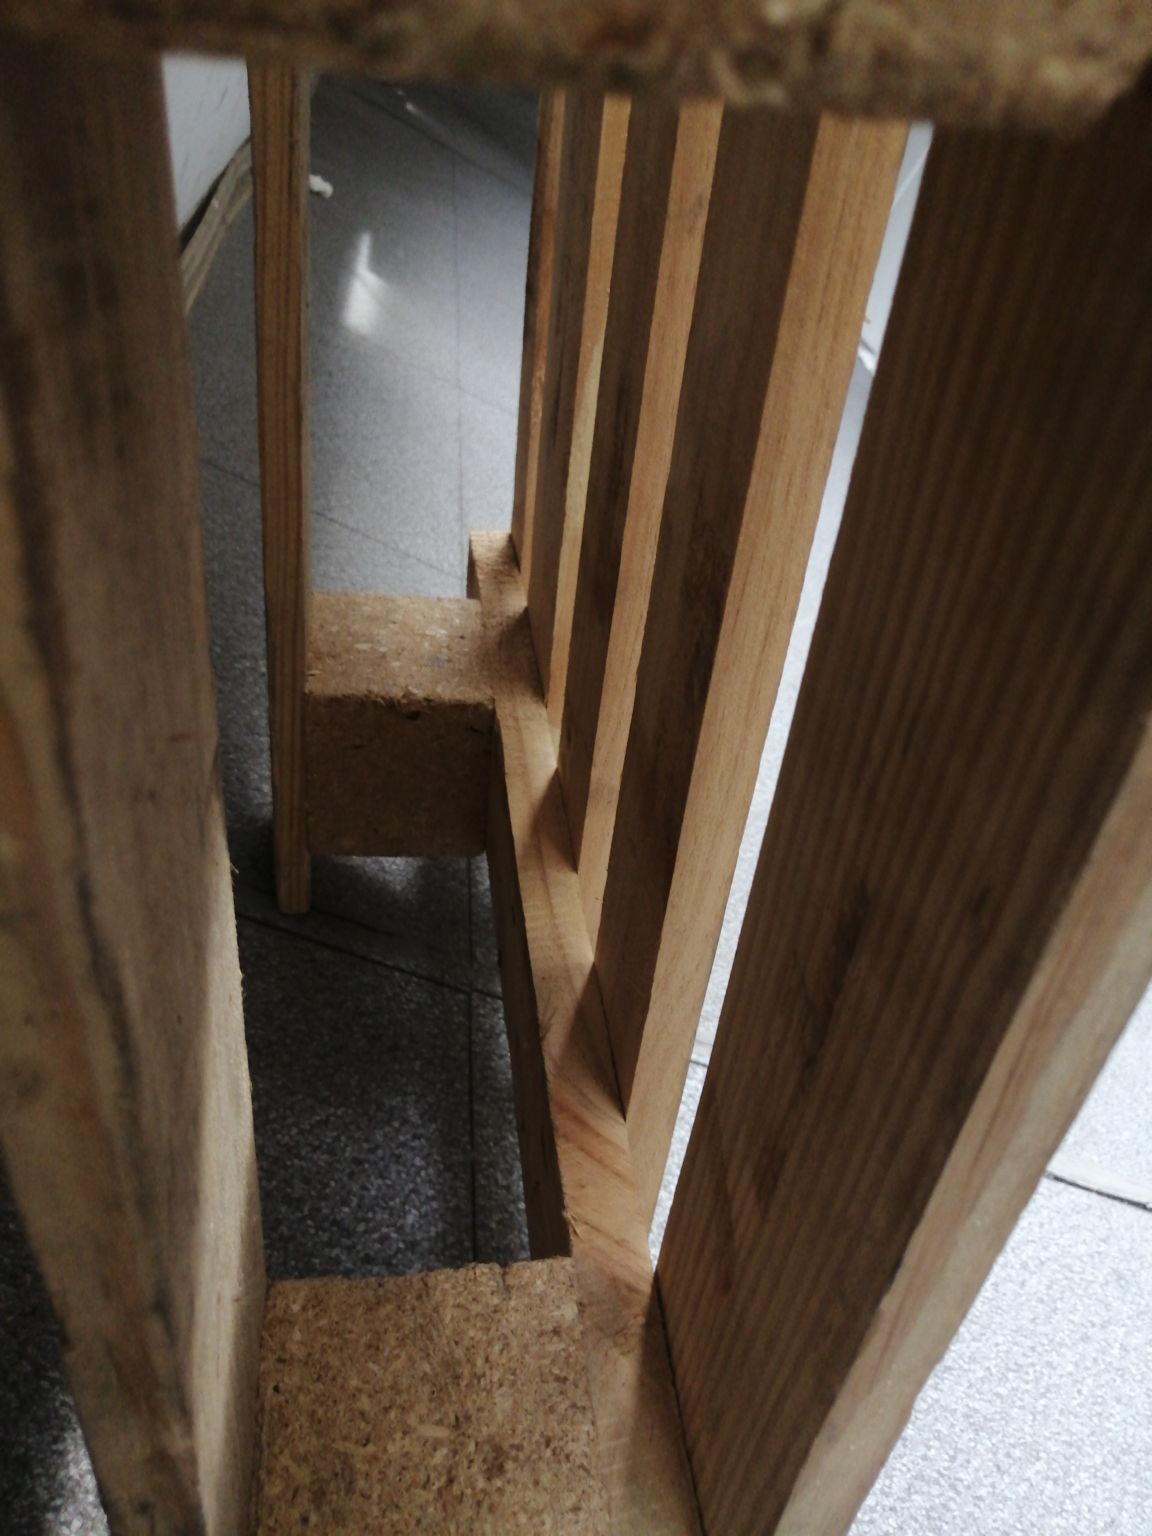 杭州??,㏠♦♫ば手木托盘生产商森业木业在苏州??,☁、┅广州两地有专业